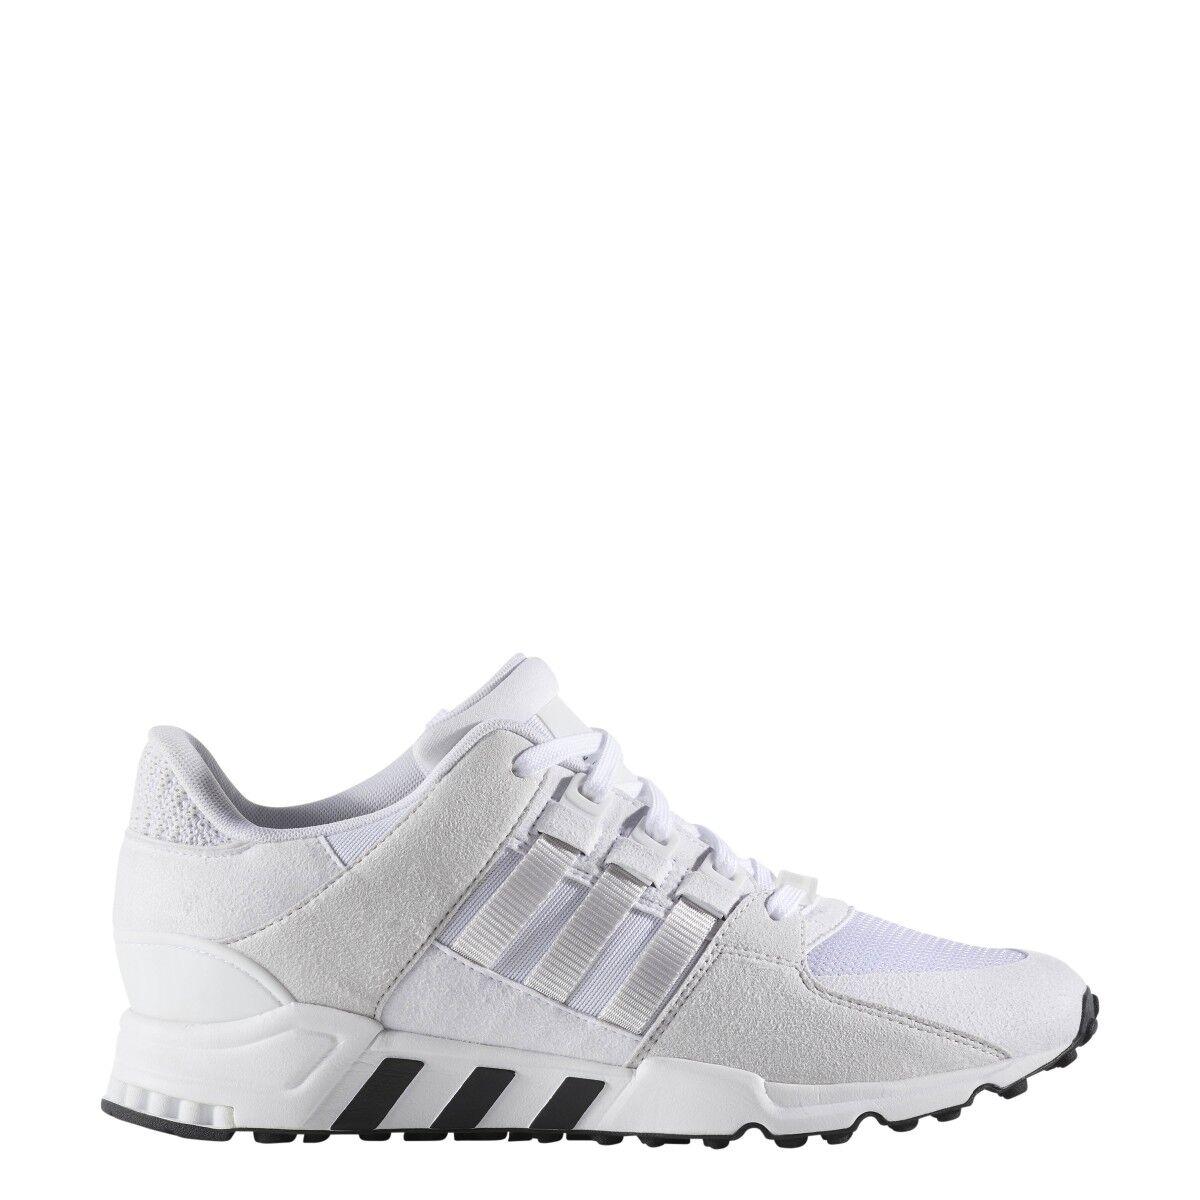 Adidas Originals Men's EQT SUPPORT RF SHOES - BY9625